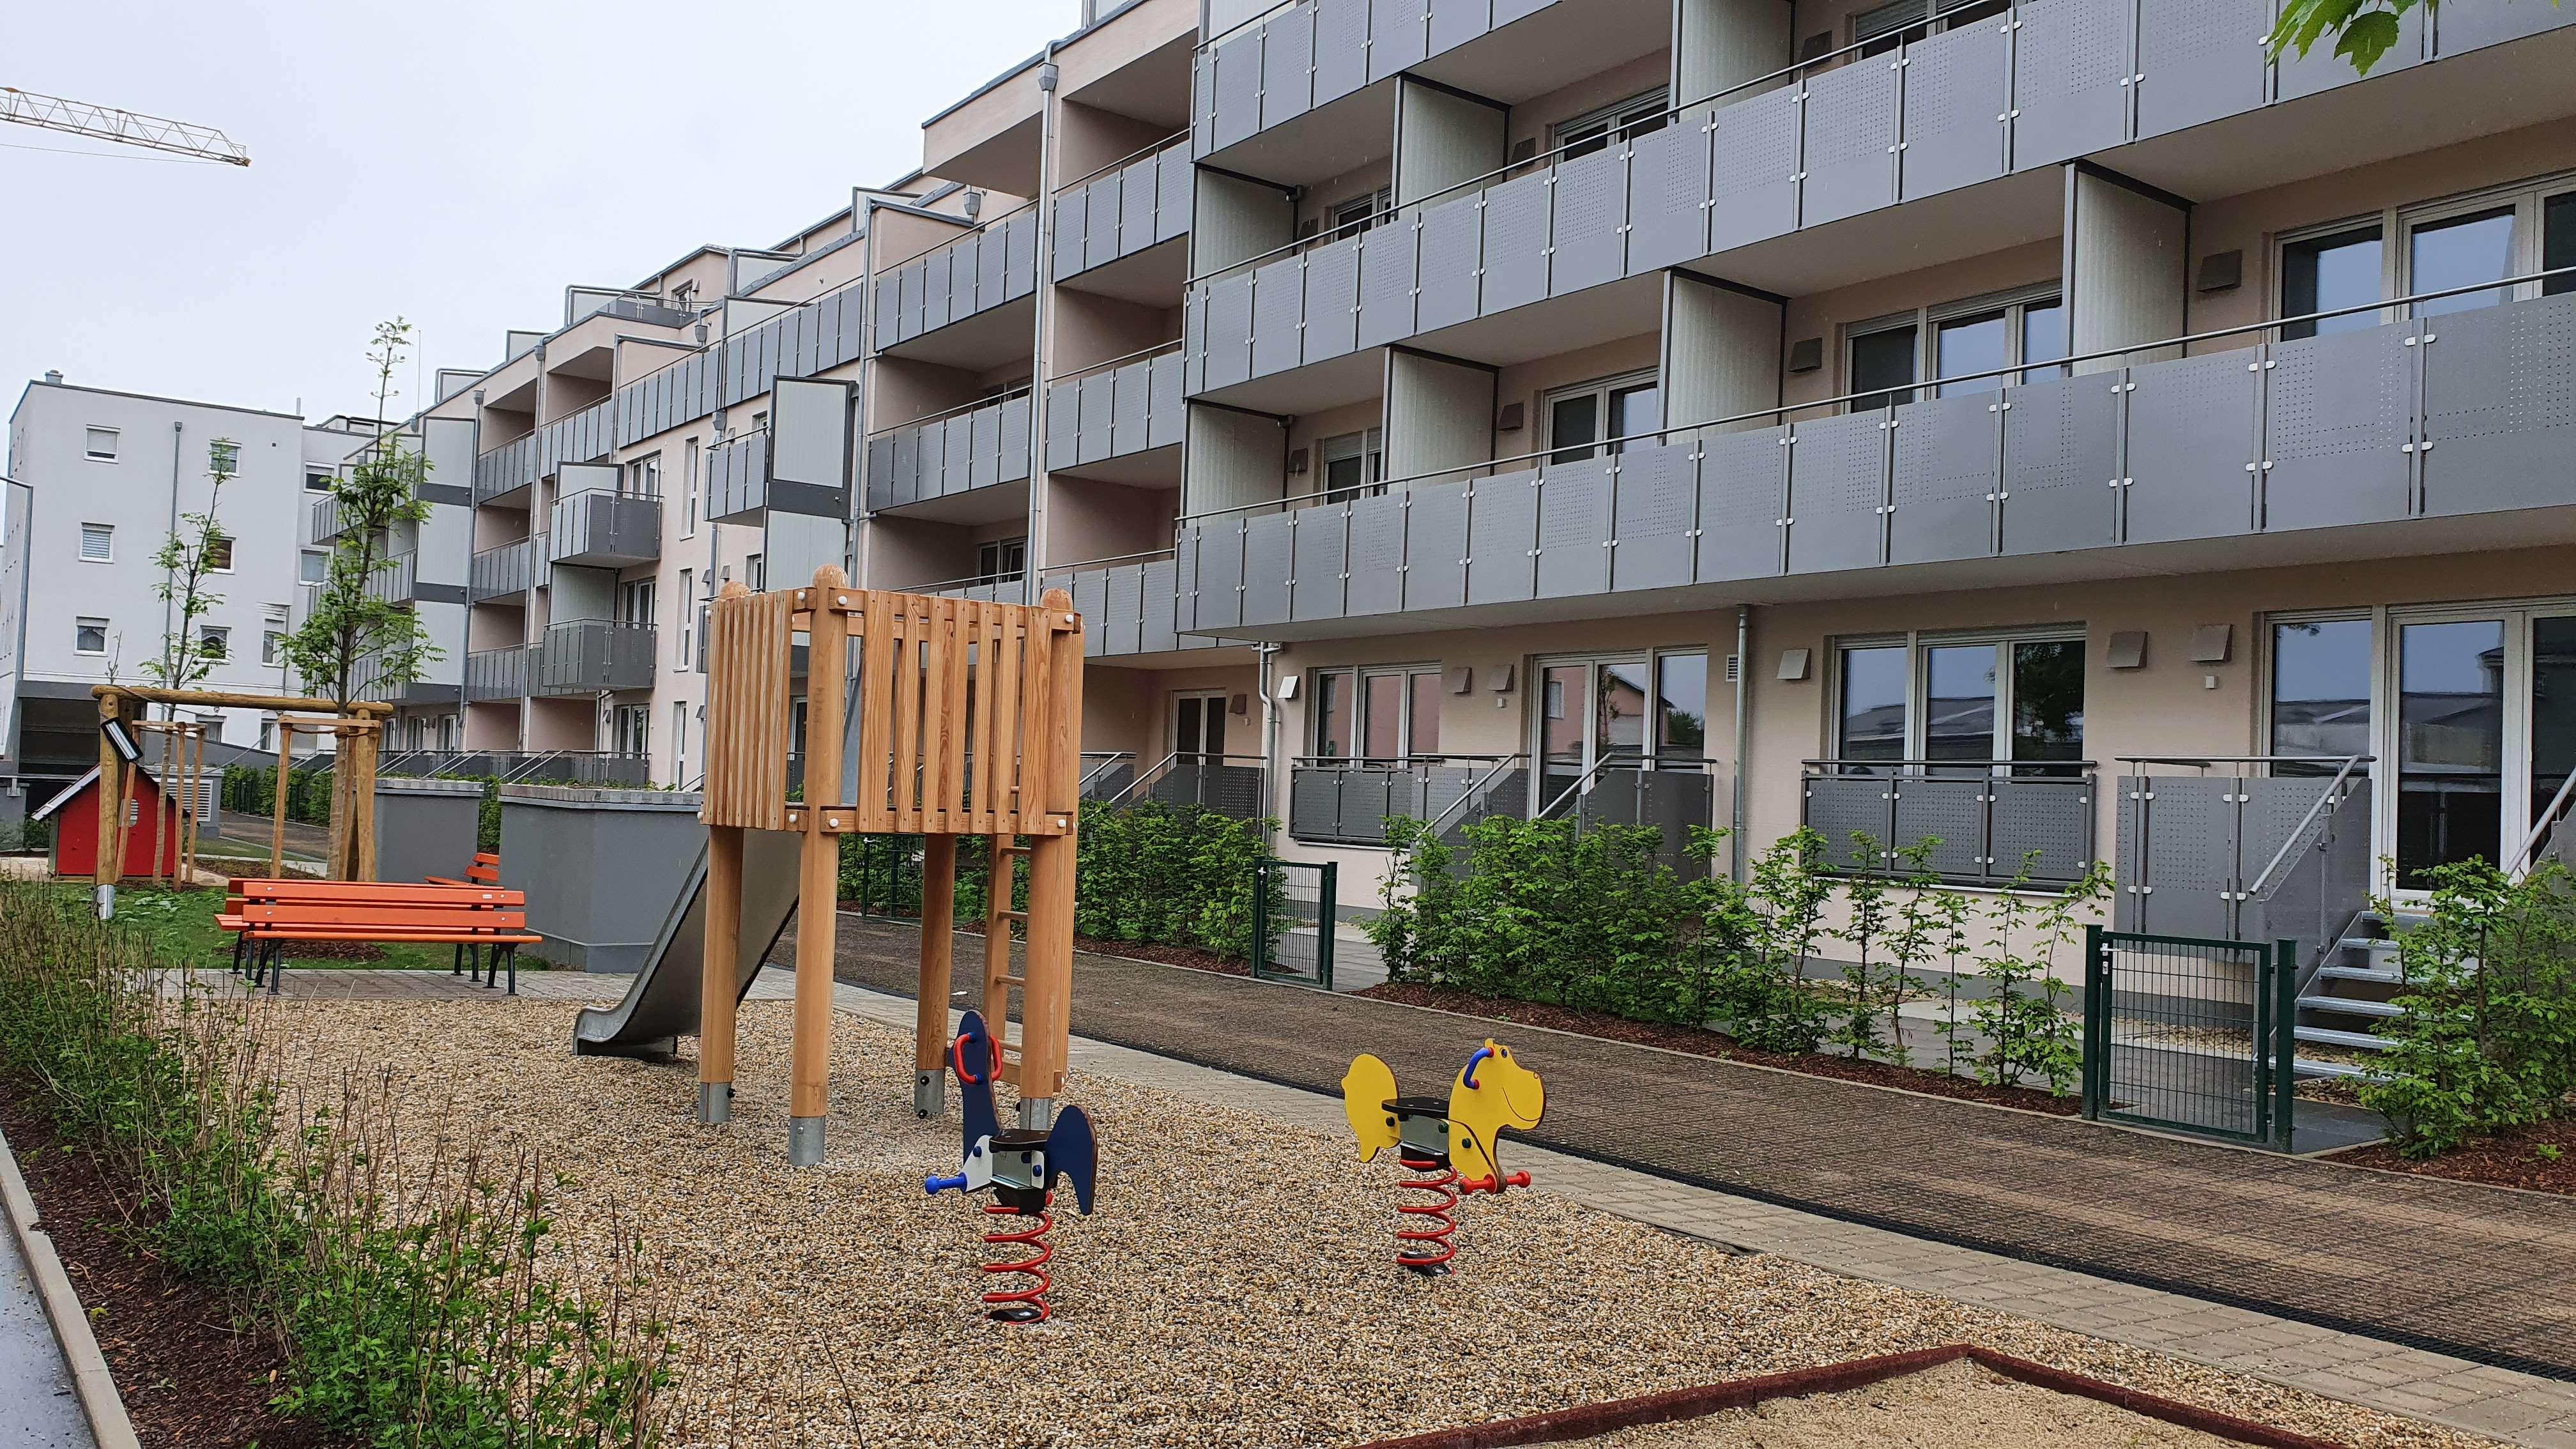 Erstbezug mit Balkon: moderne 1-Zimmer-Wohnung mit Balkon in Regensburg in